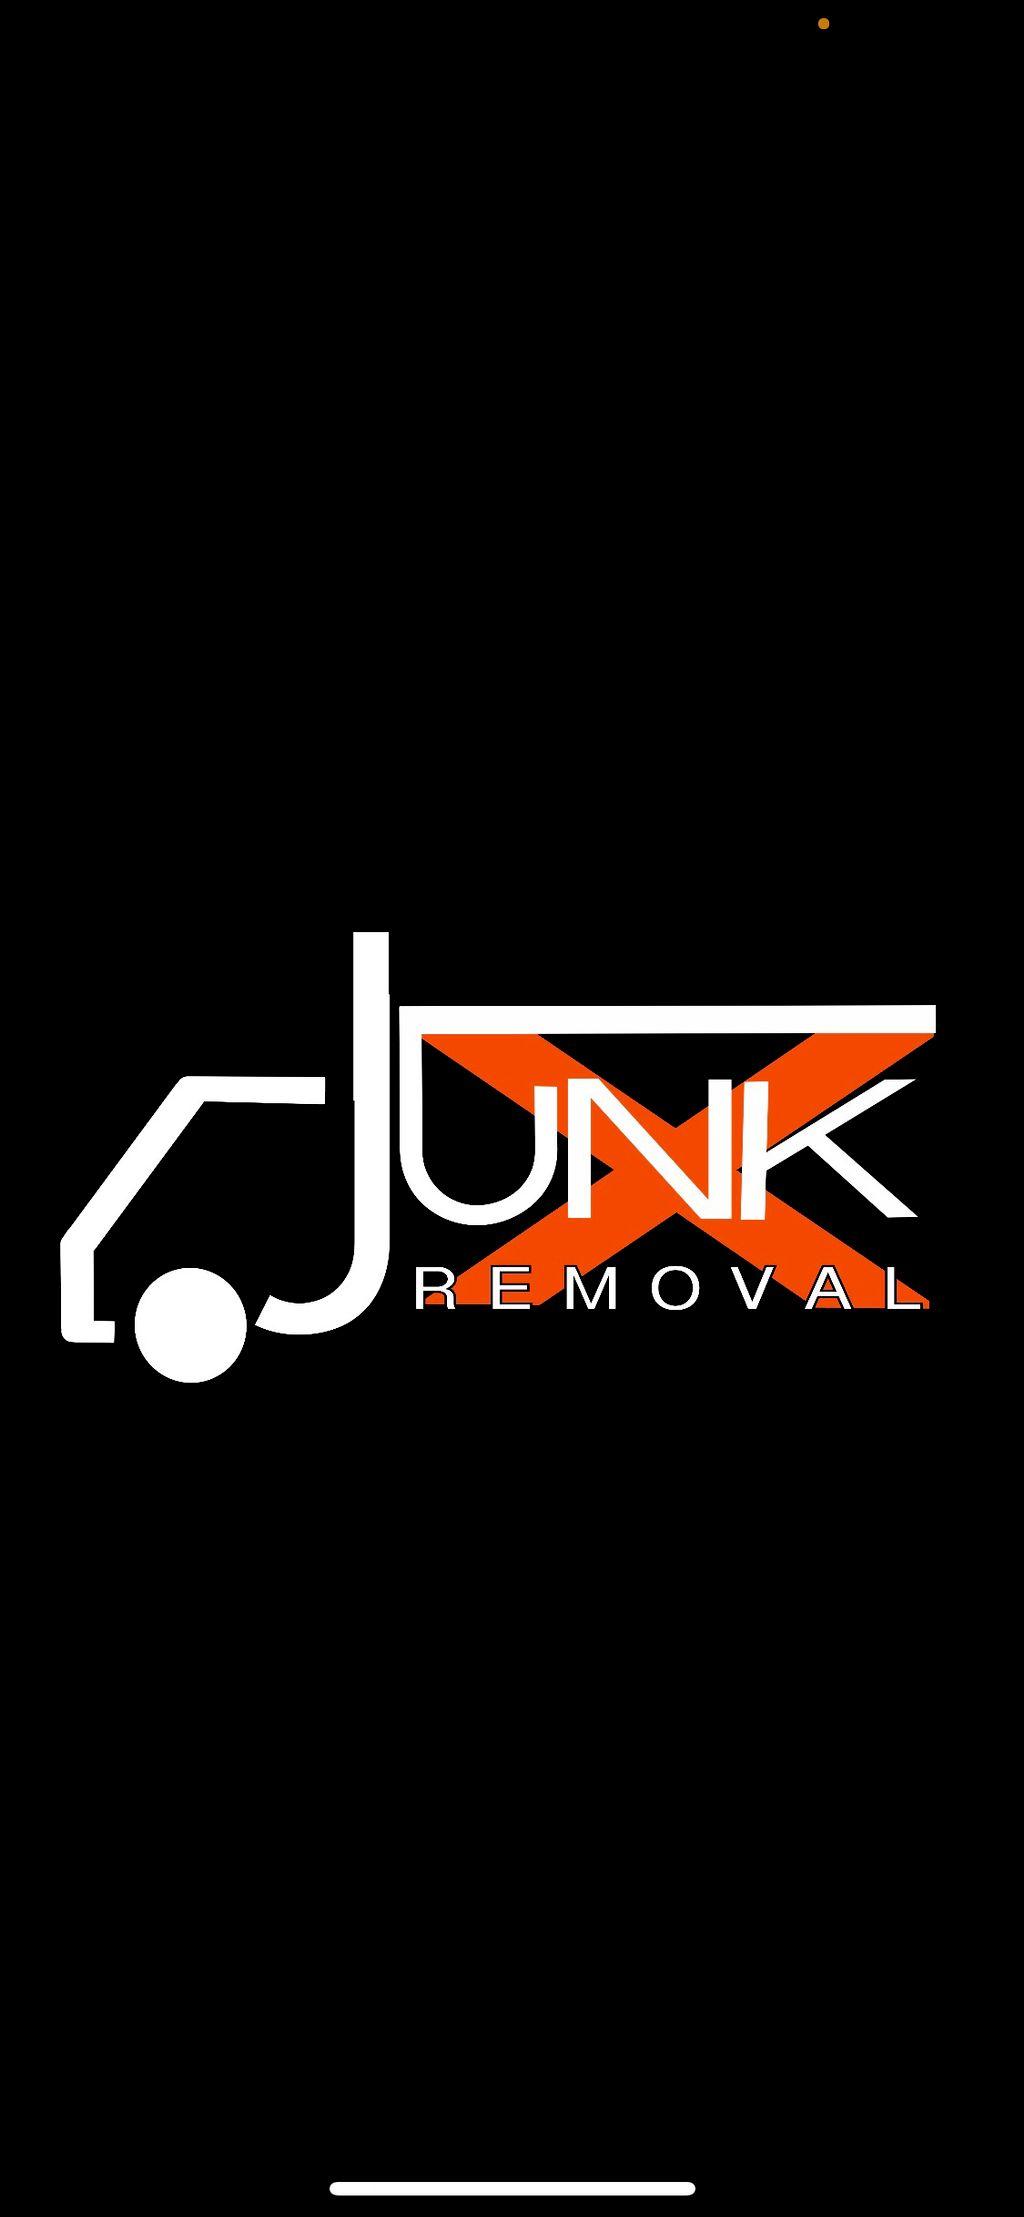 JunkRemovalX